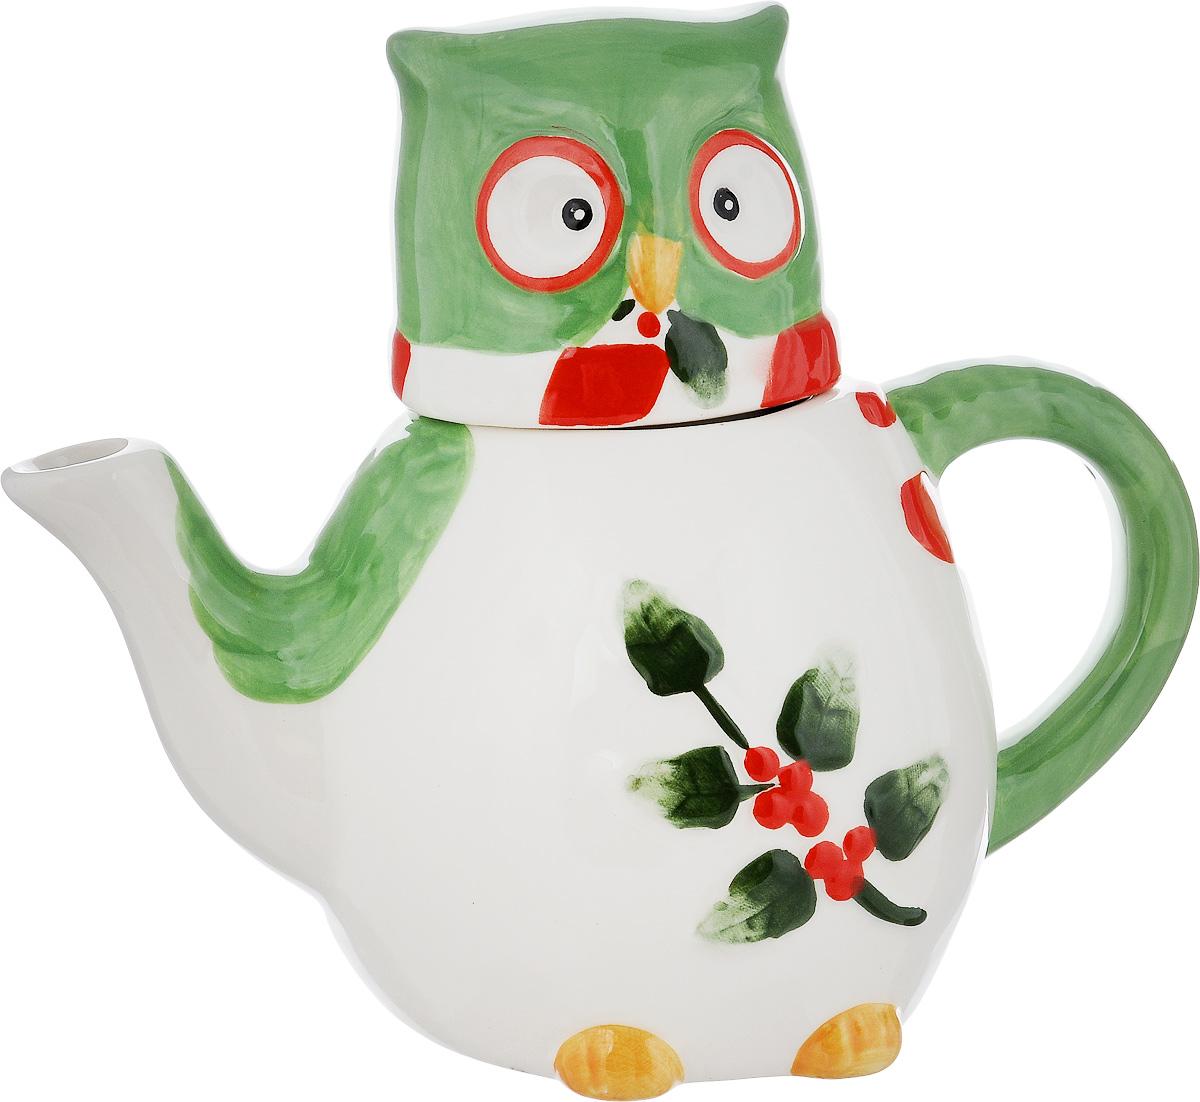 Чайник заварочный House & Holder Сова, 610 млDP-B63-131957B/EЗаварочный чайник House & Holder Сова выполнен из высококачественной керамики и покрыт сверкающей глазурью. Изделие оформлено ярким рисунком и оснащено крышкой. Заварочный чайник House & Holder Сова придется по вкусу и ценителям классики, и тем, кто предпочитает утонченность и изысканность. Диаметр (по верхнему краю): 6 см. Высота чайника (без учета крышки): 10,5 см. Высота чайника (с учетом крышки): 17 см.